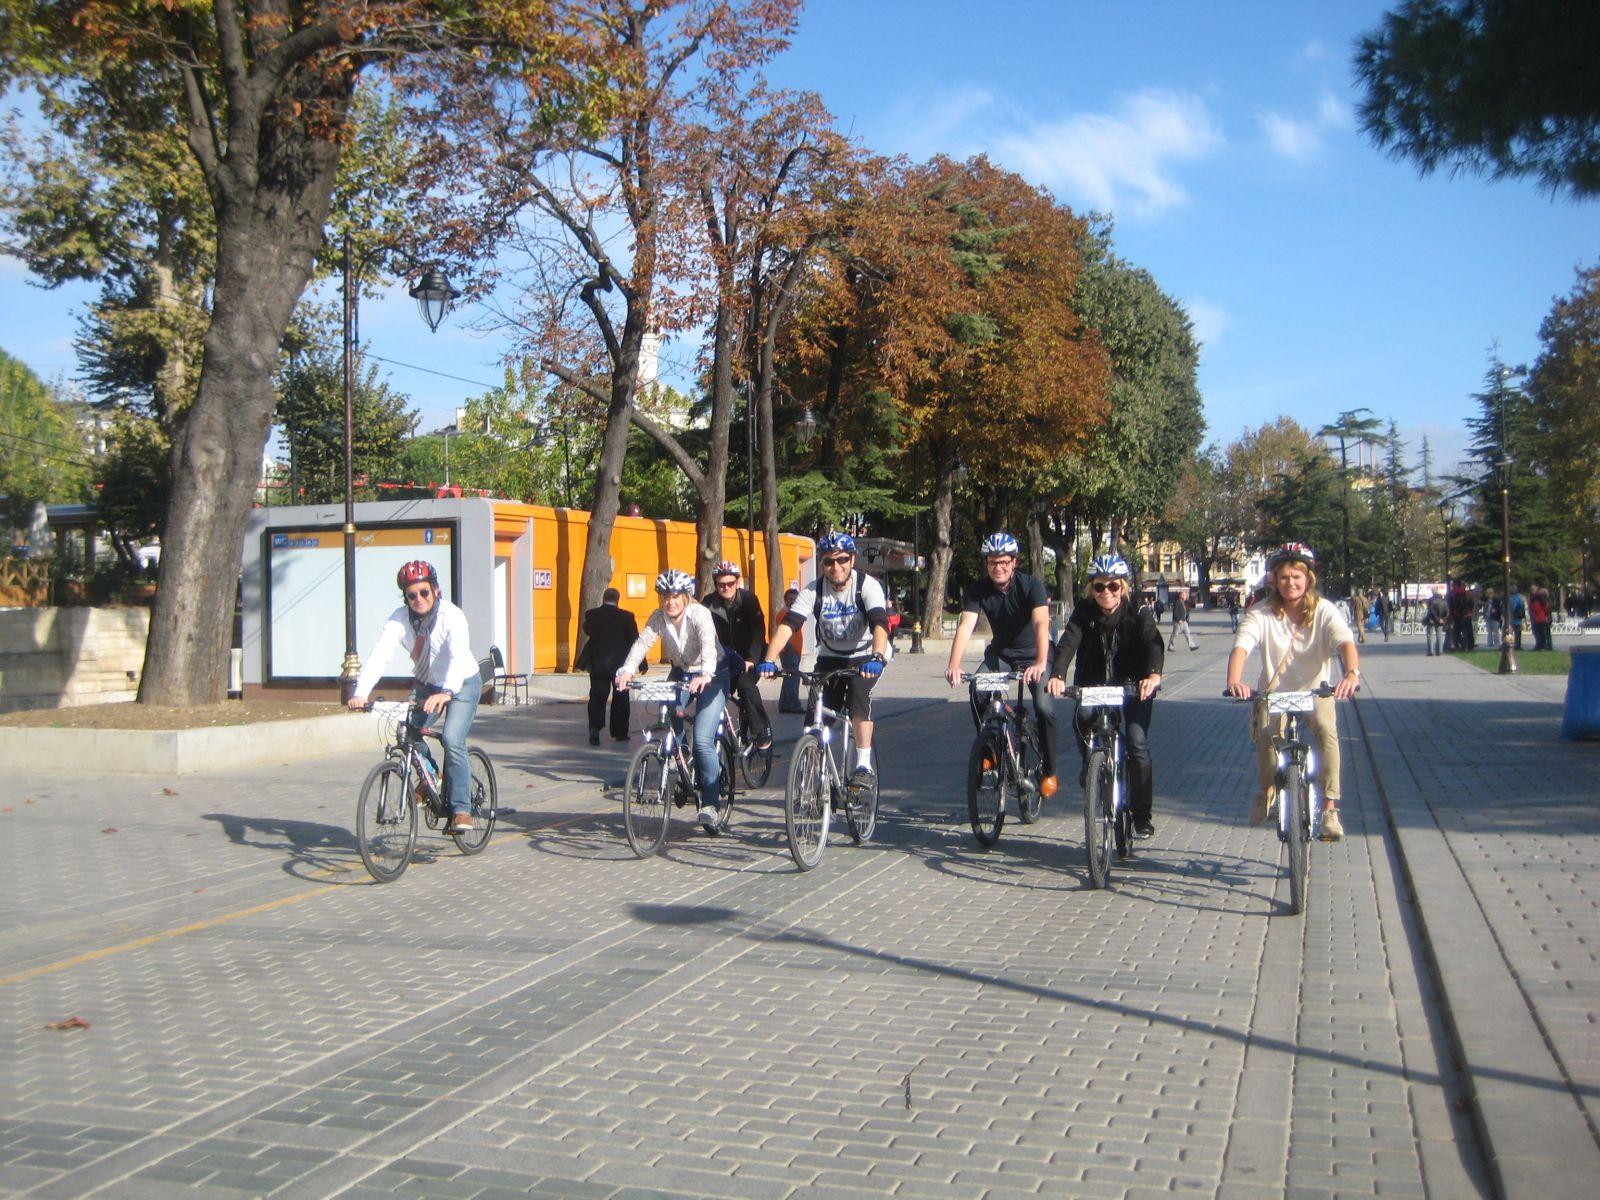 Riding the Hippodrome Old City Bike Tour